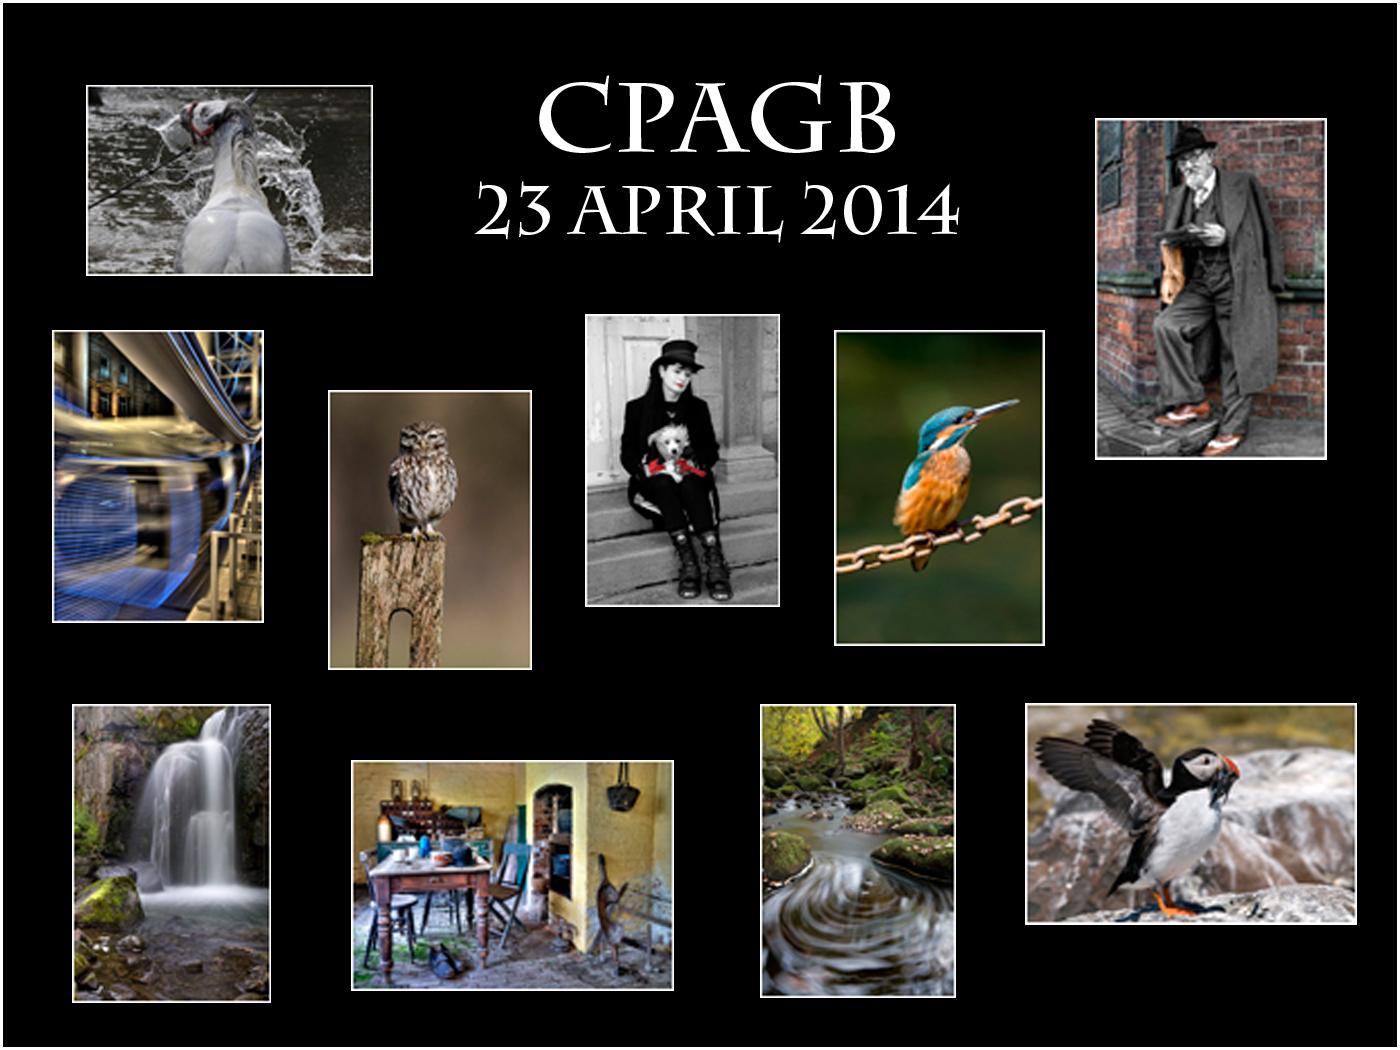 CPAGB